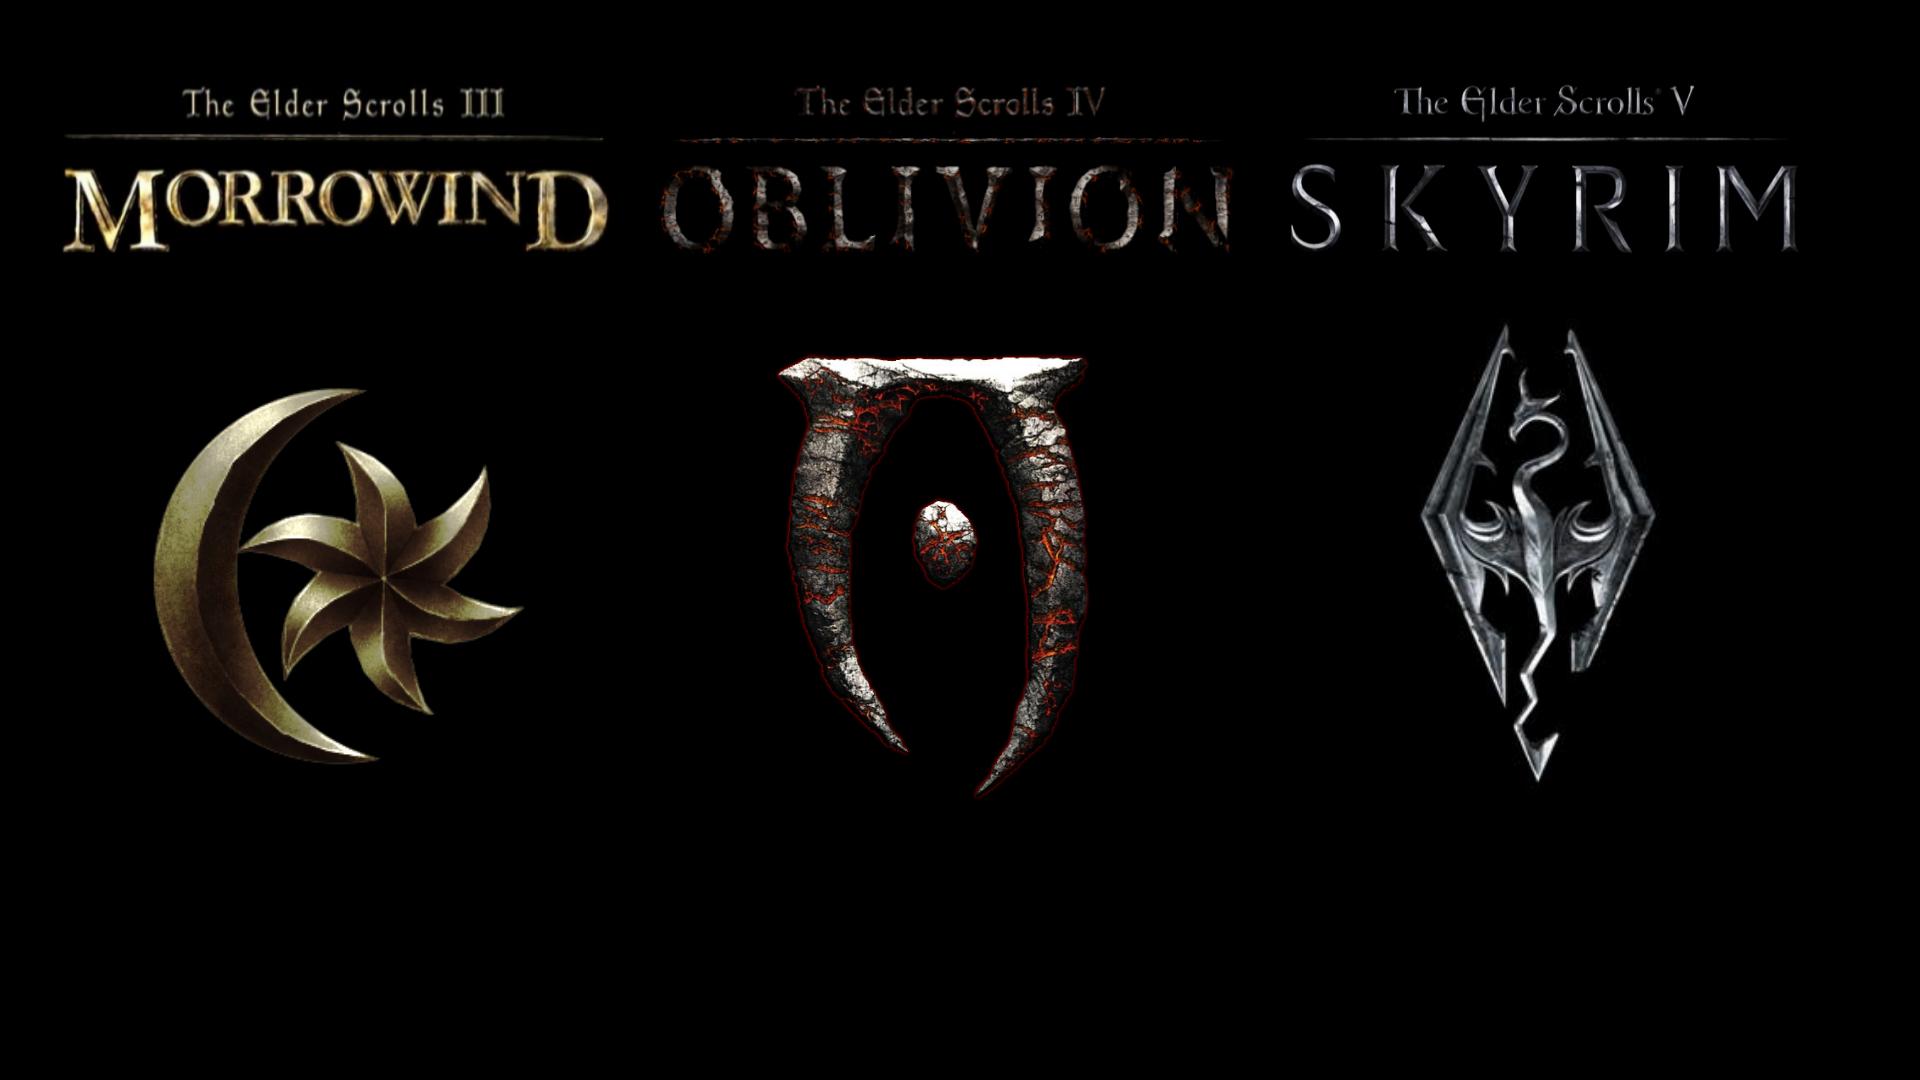 1337 Wallpaper 1920x1080 Elder Scrolls Elder Scrolls Morrowind Elder Scrolls Oblivion